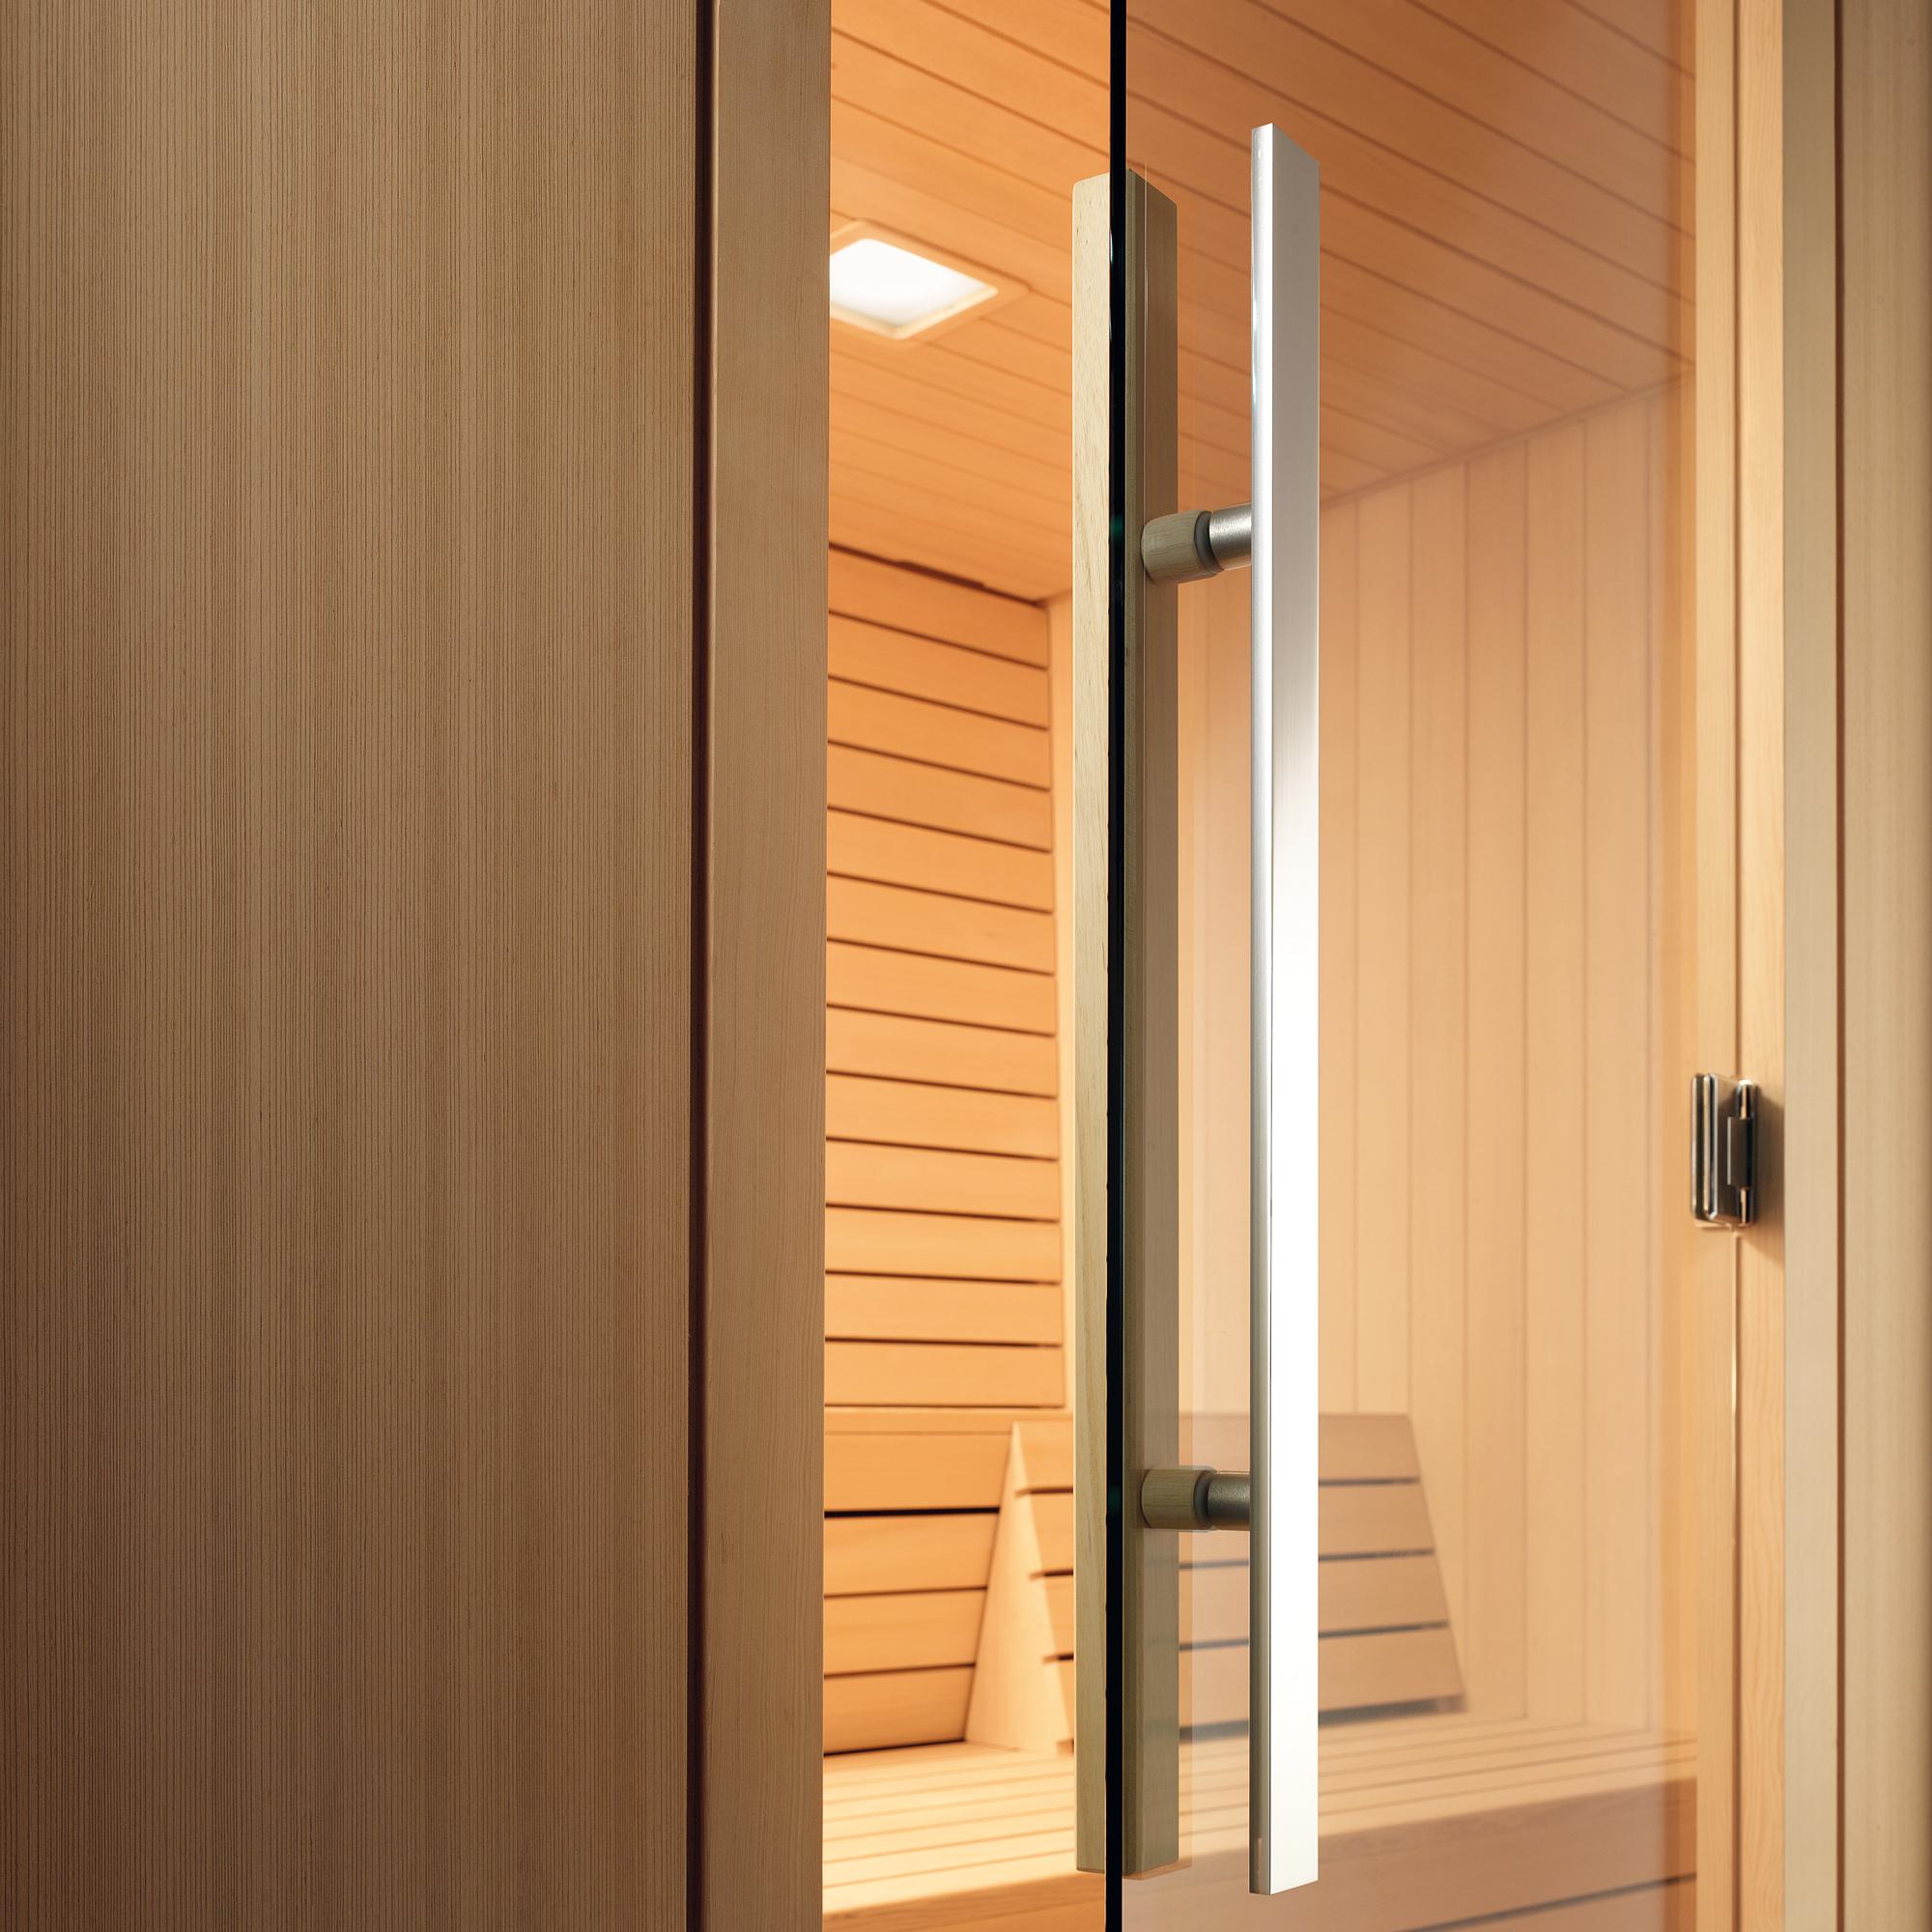 Стеклянные двери для бани в парную: выбор и установка, подбираем размеры для полотна